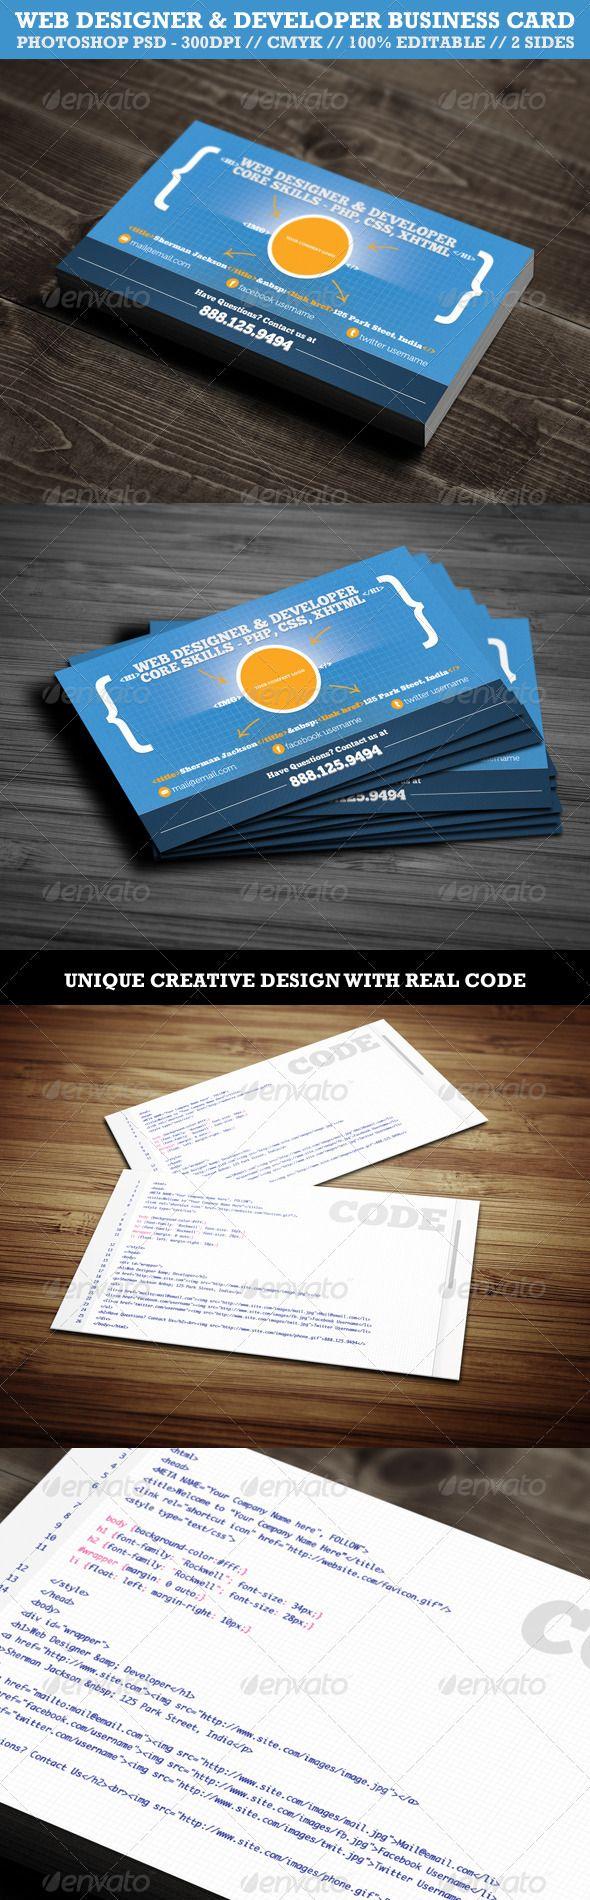 46 best Inspiration | Offline design images on Pinterest | Editorial ...